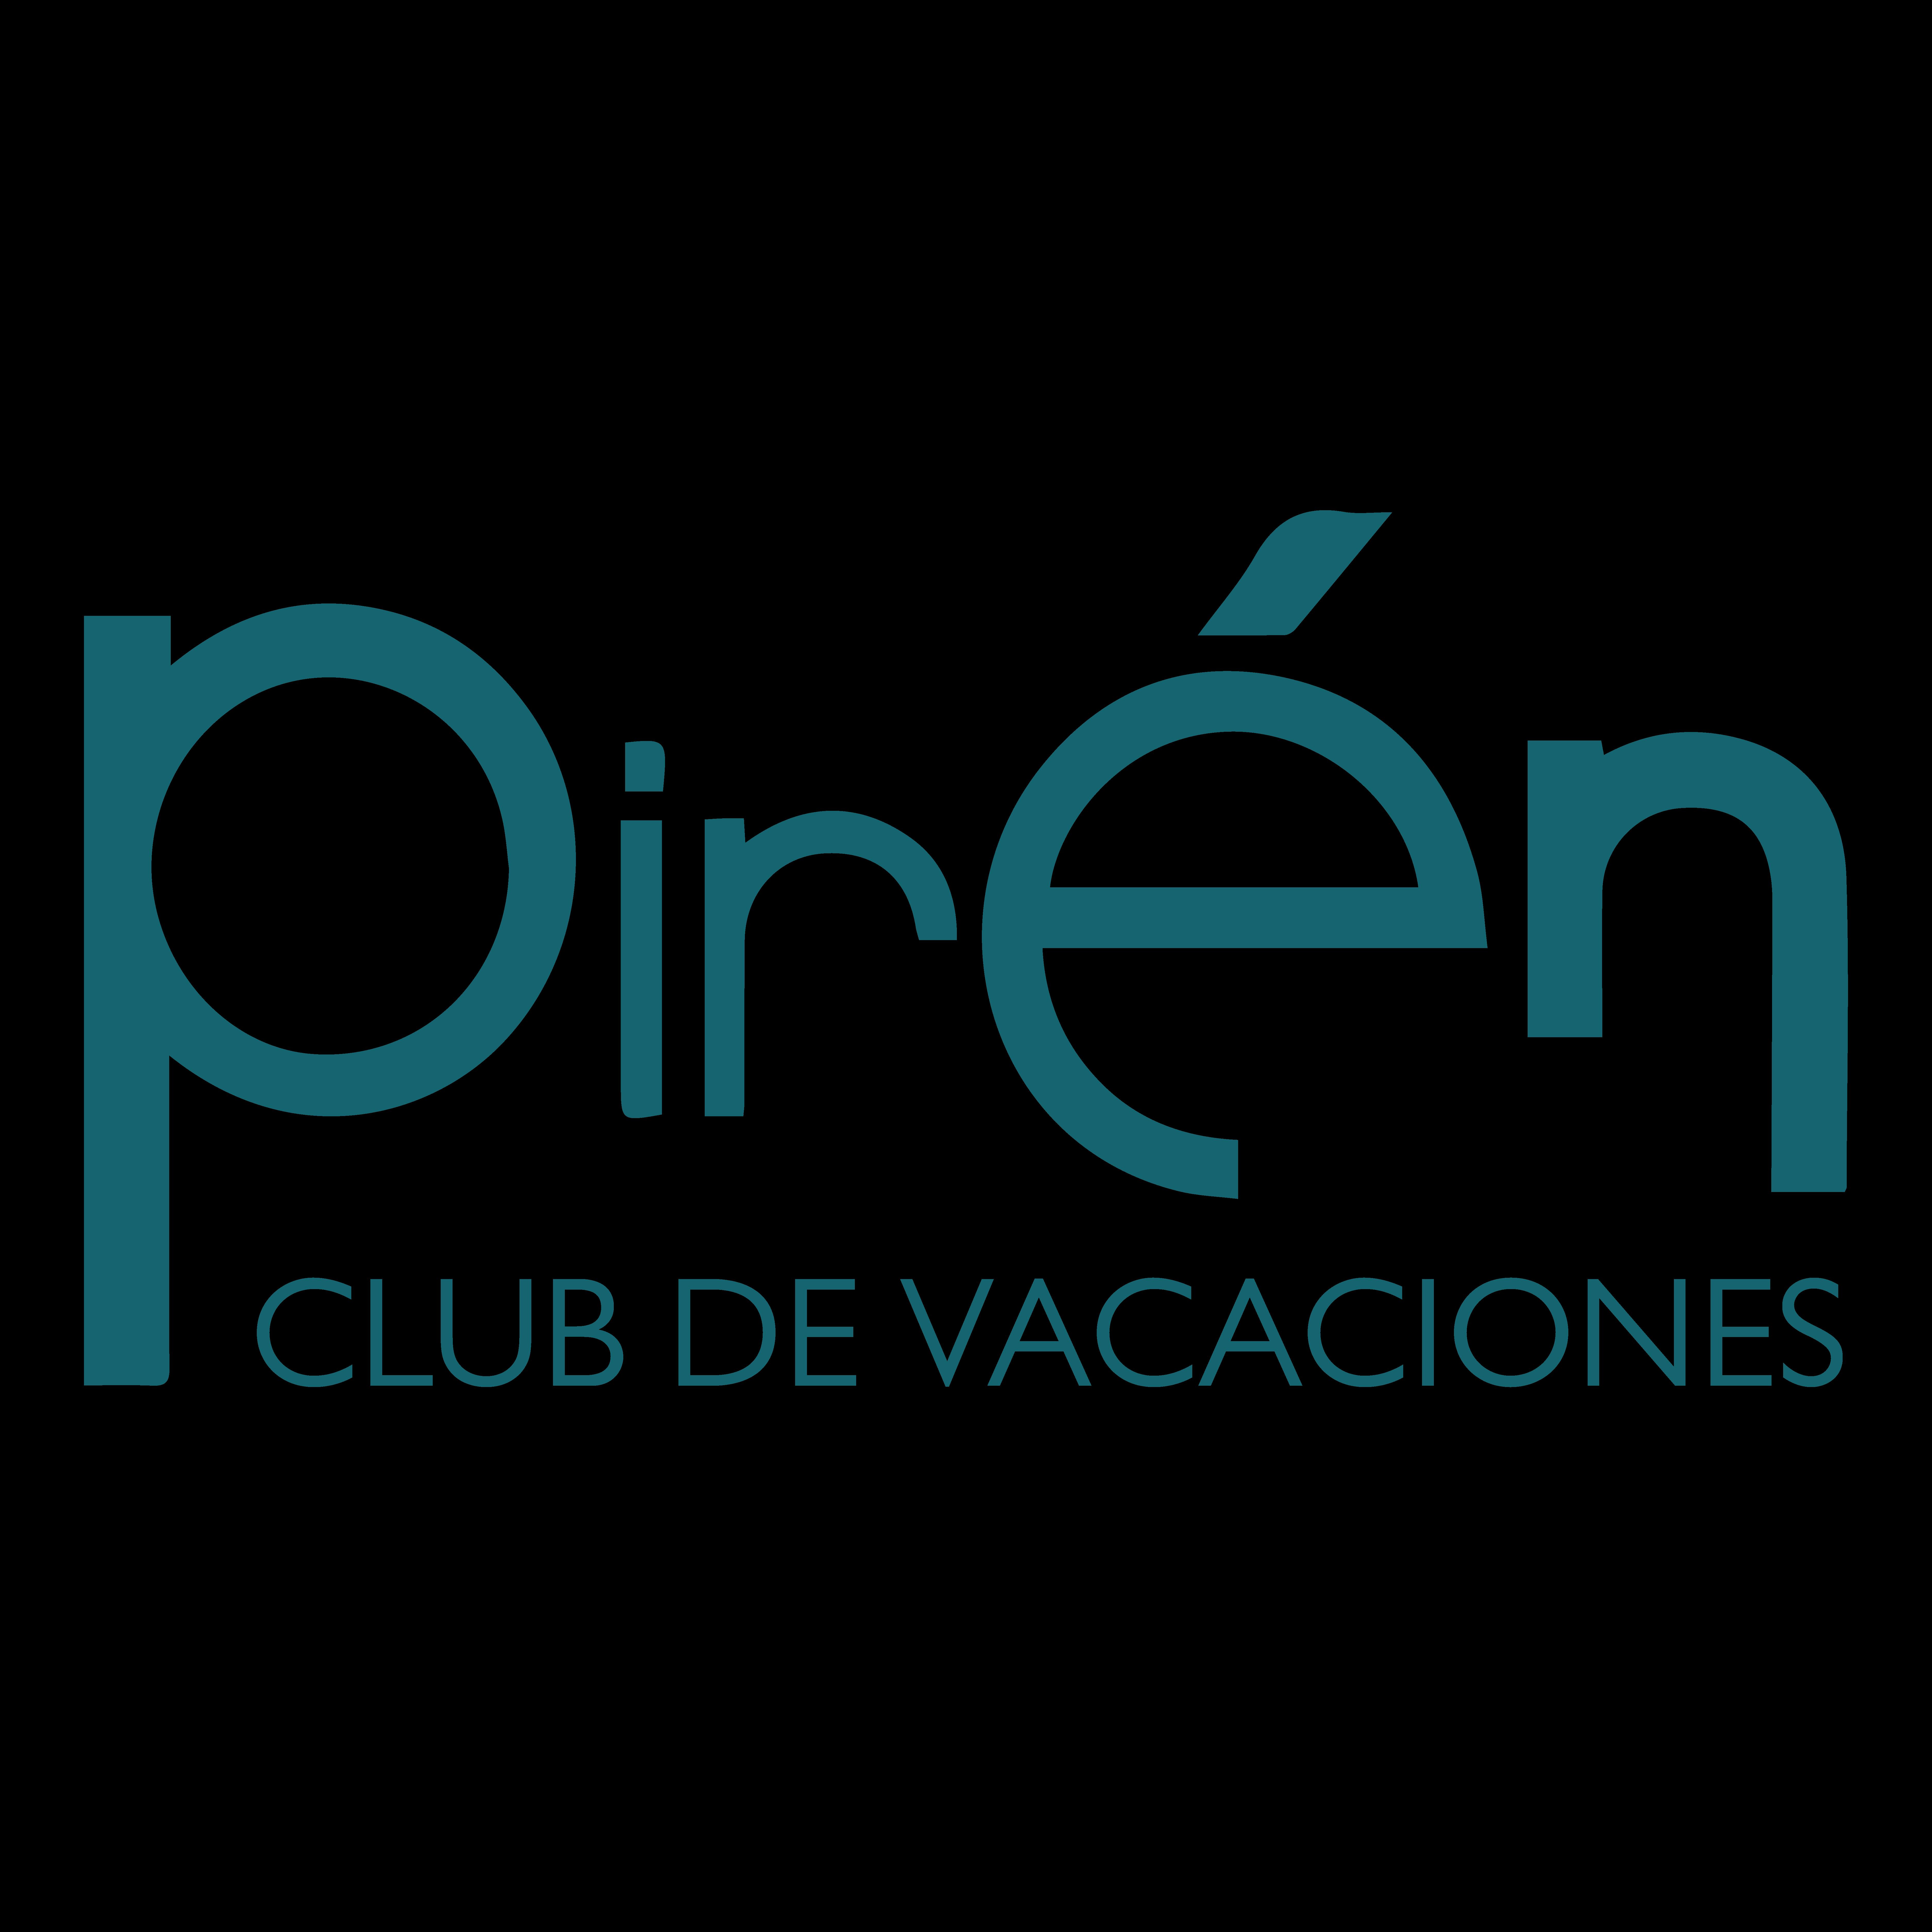 Piren